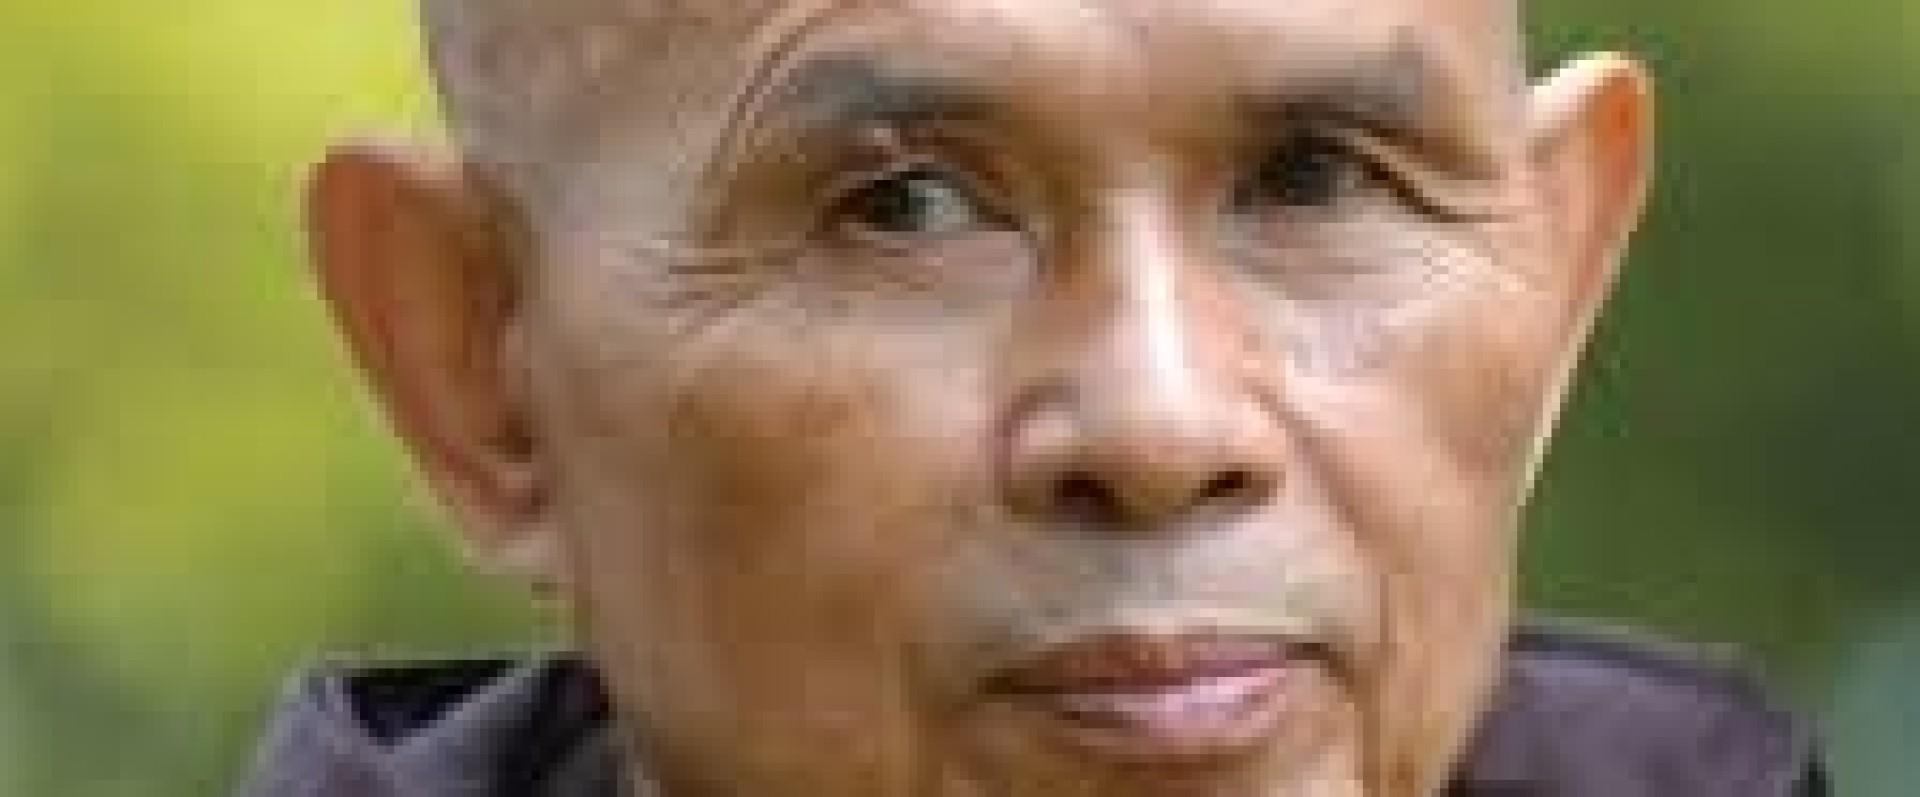 Dit Bericht Van Een Vietnamese Zen Buddhist Monnik Zette Mij Aan Het Denken